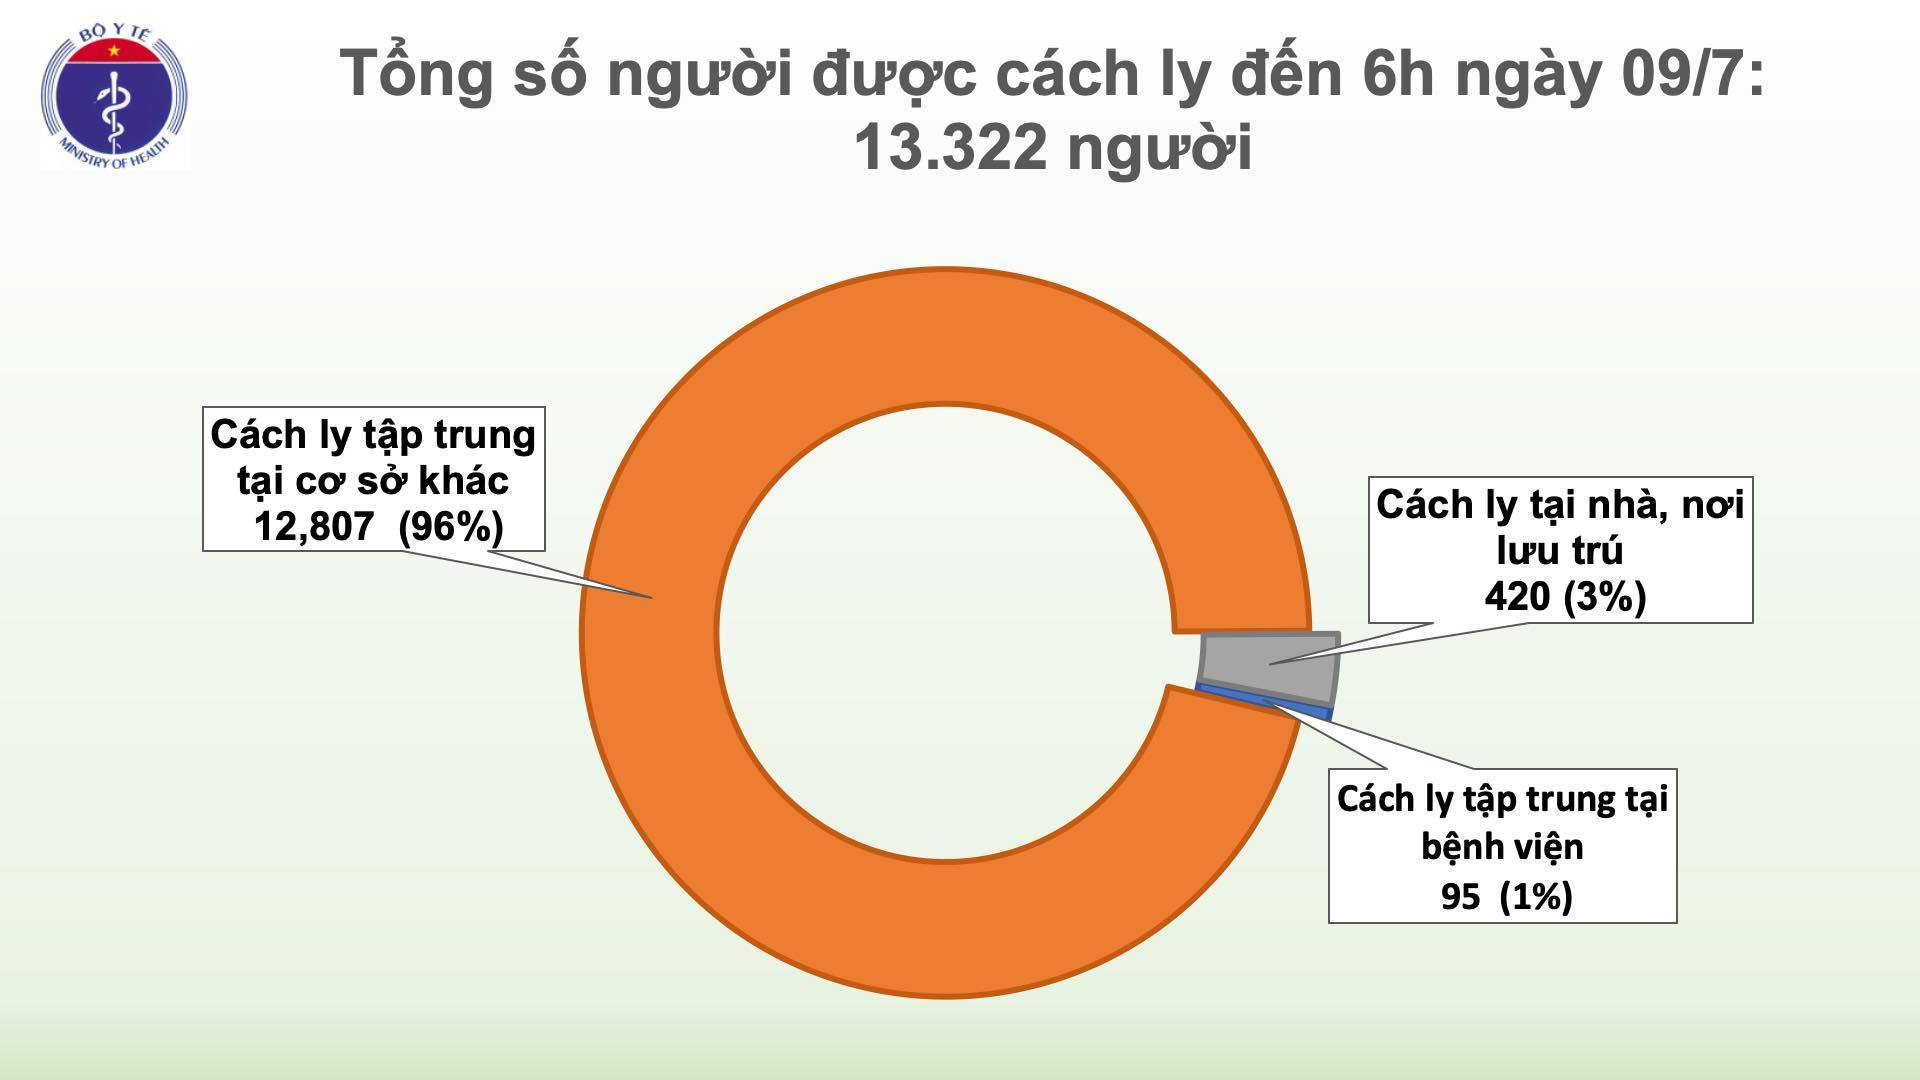 Hơn 13 300 người đang cách ly chống dịch